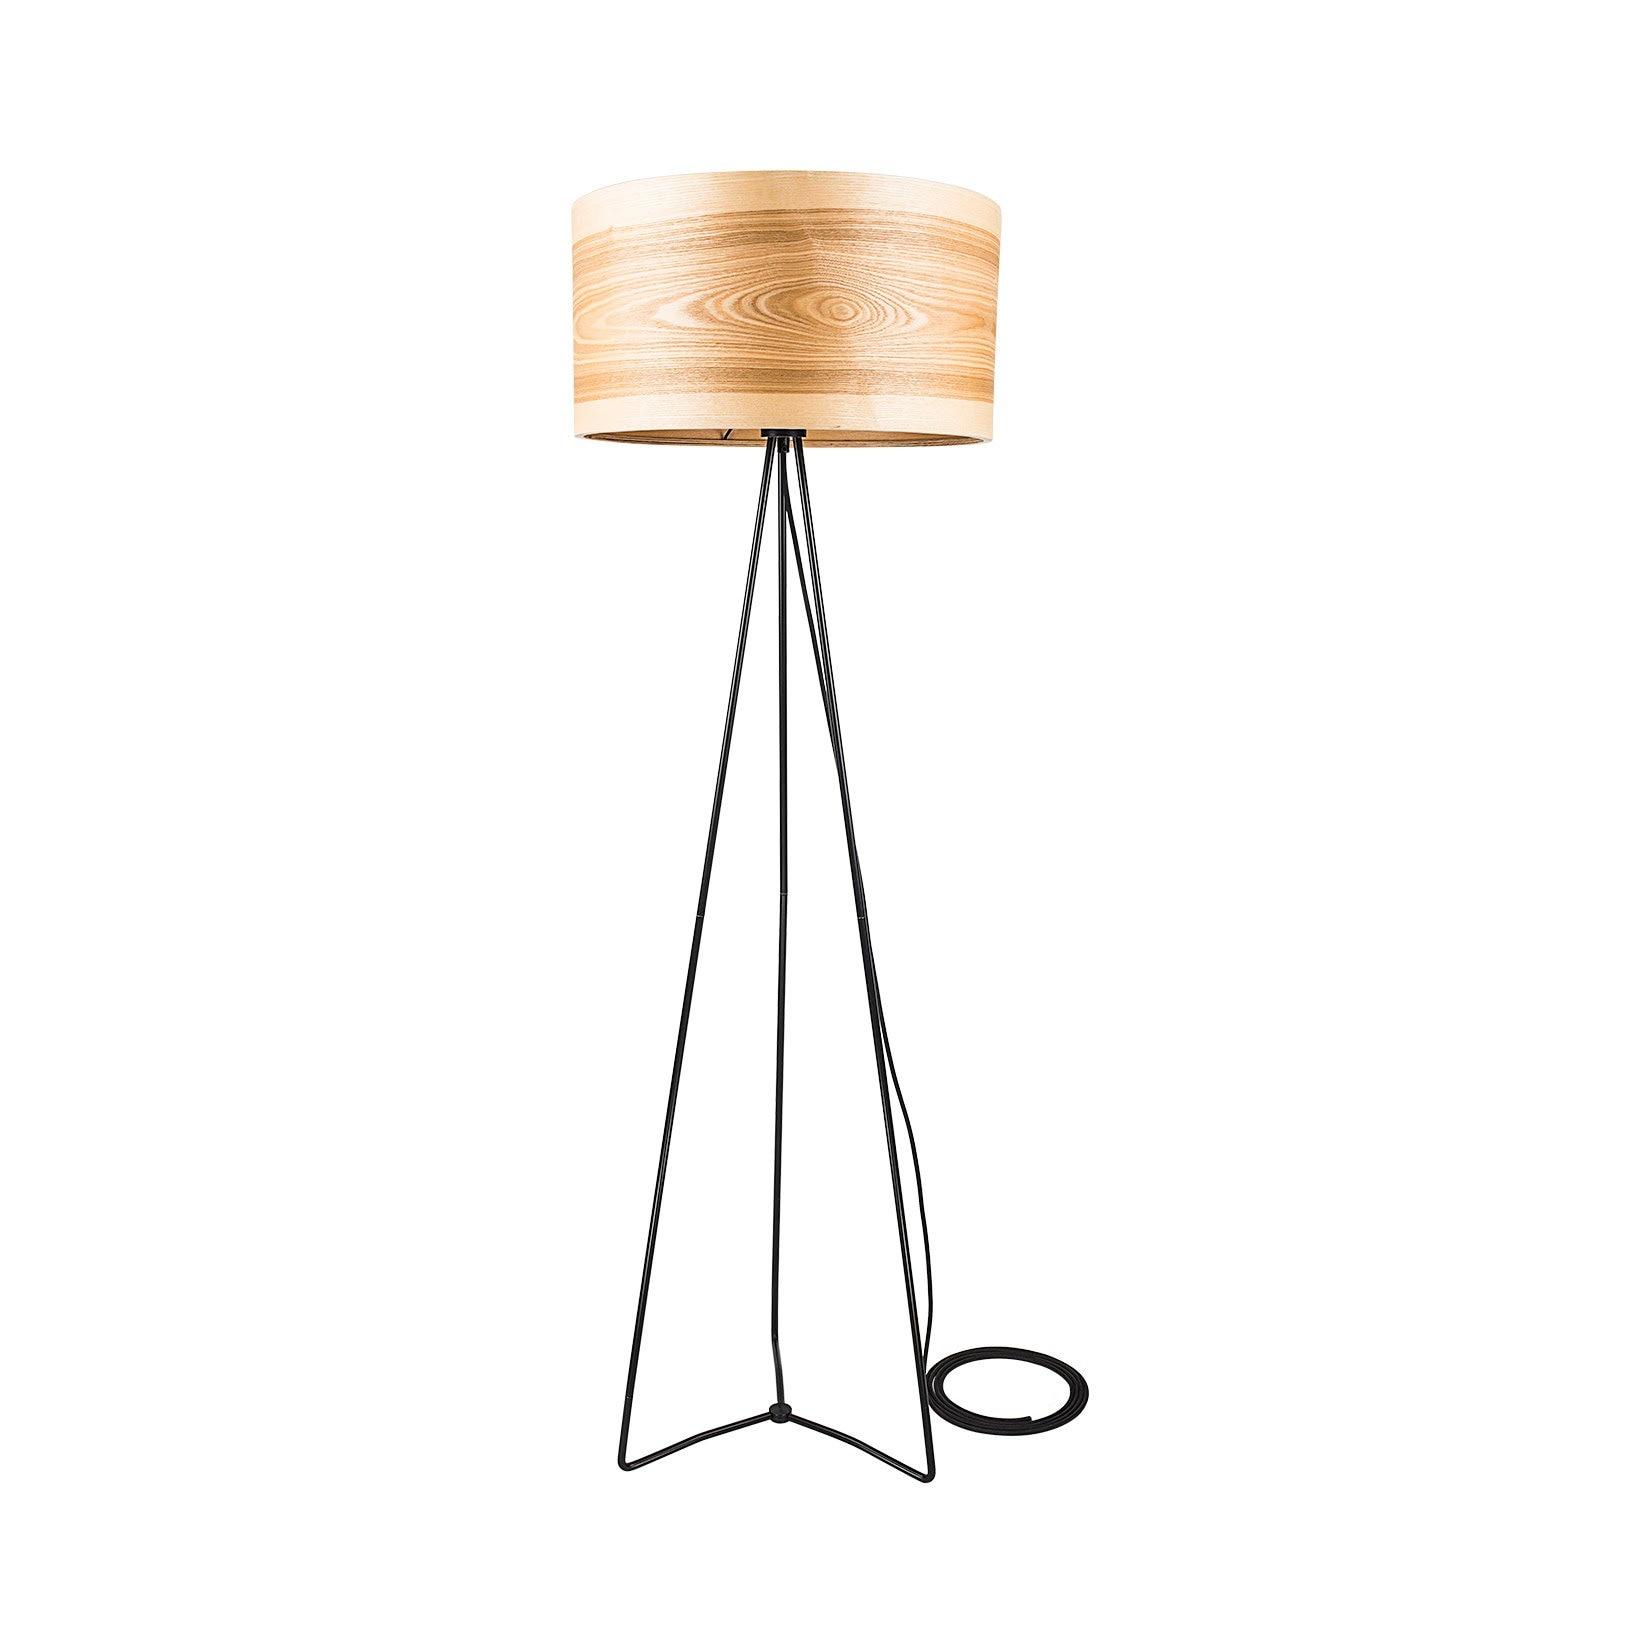 Tripod Floor Lamps, Wooden Floor Lamps, Scandinavian Lighting, Nordic  Decor, Natural Wood, Unique Ash Wooden Shade